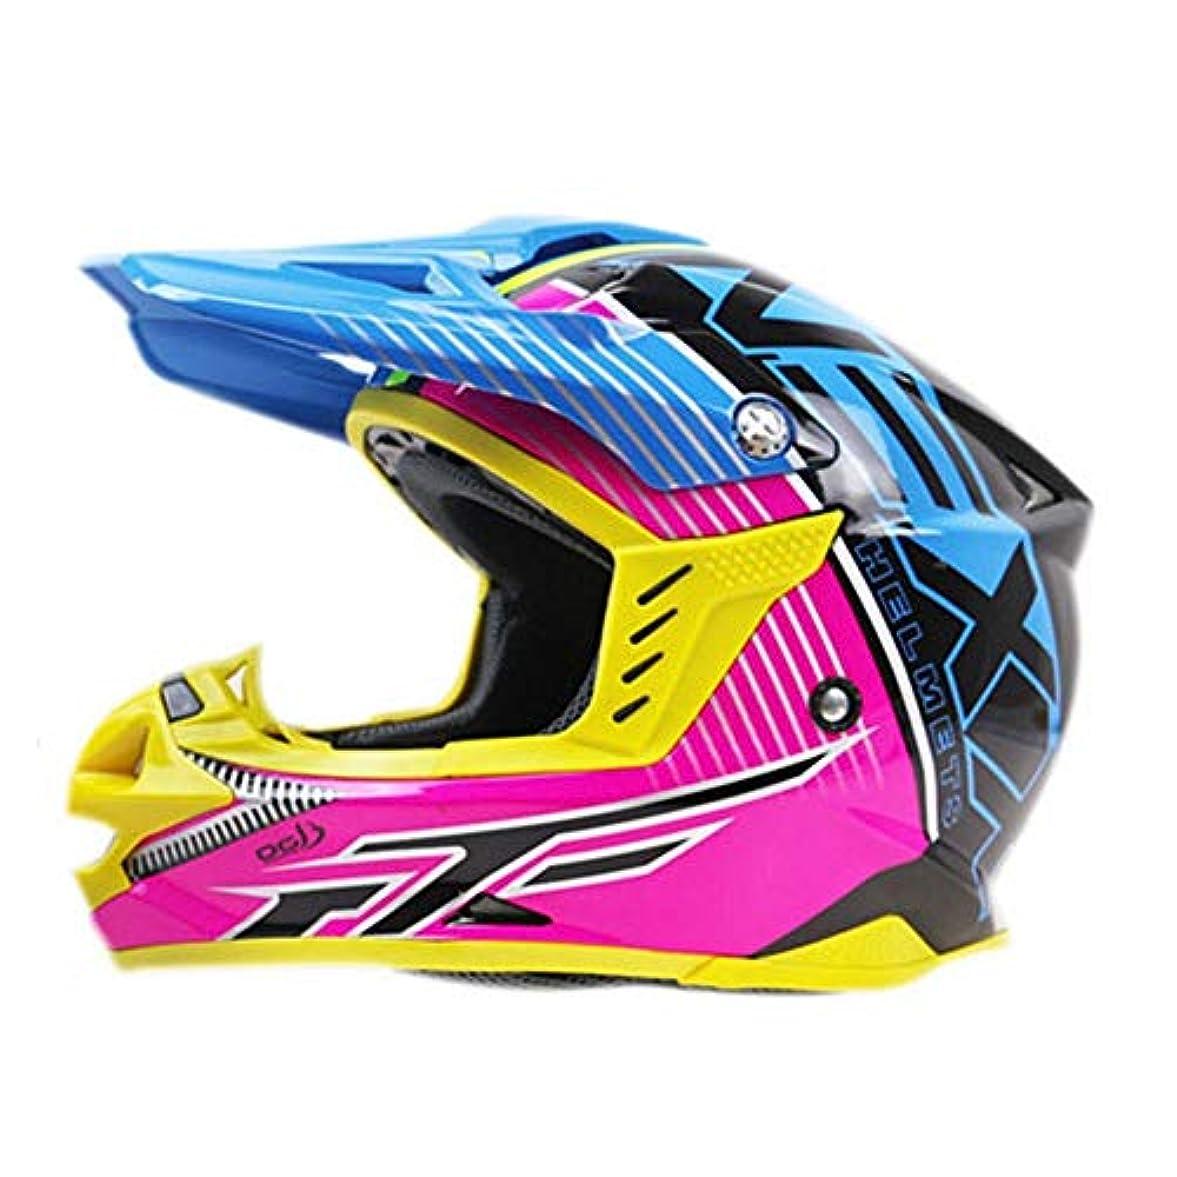 緩む利益浮くTOMSSL高品質 フルフェイスモトクロスヘルメット高速道路オフロードレーシングヘルメットプロのモトクロスレース用ヘルメット安全ヘルメットダウンヒル - 、赤、黄、青 - 大 TOMSSL高品質 (Size : M)